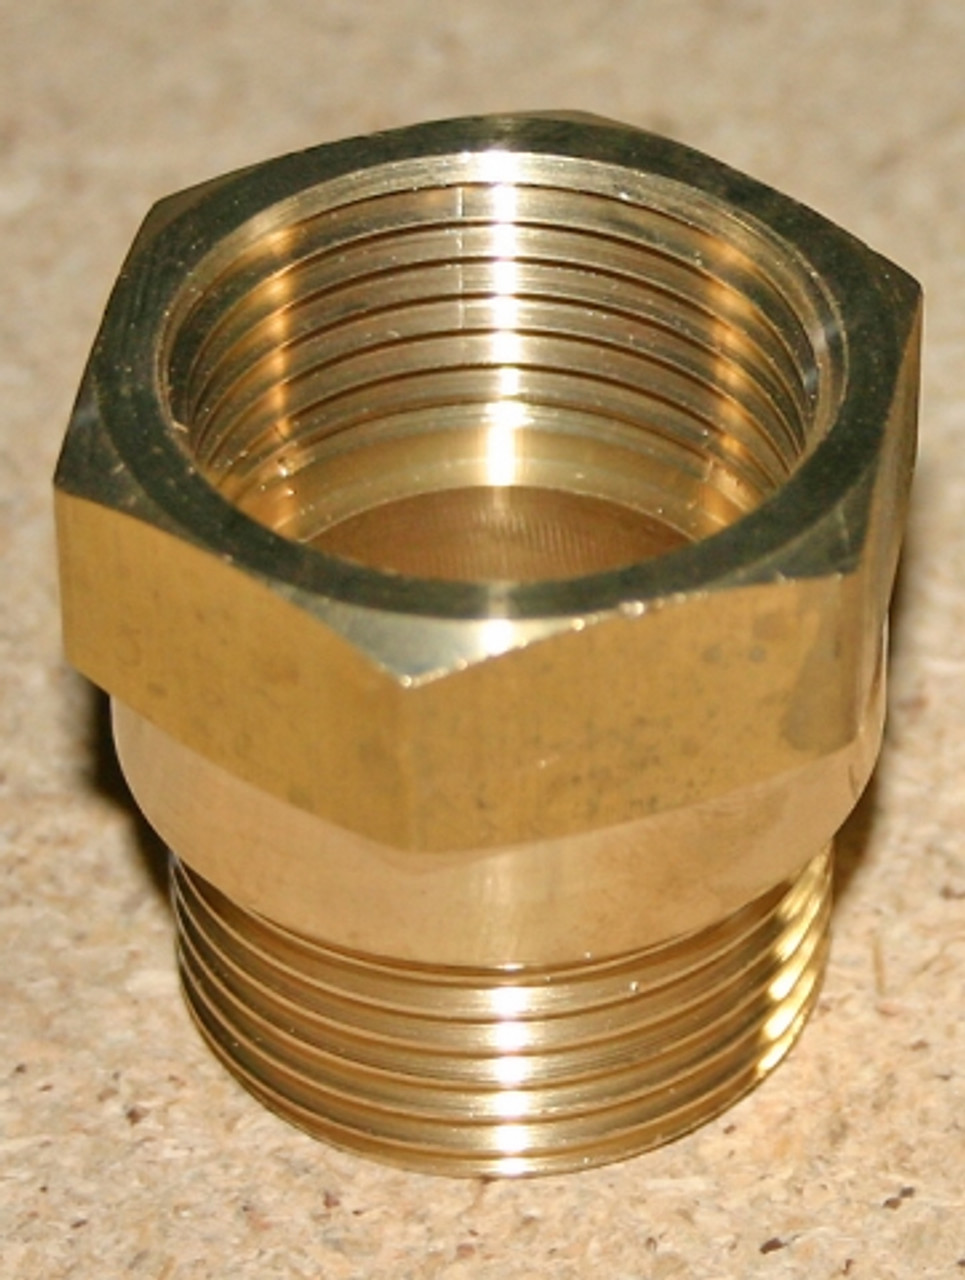 """Adaptor, 1 1/4"""" Male NPT x 1 1/4"""" Female BSPP in Brass"""